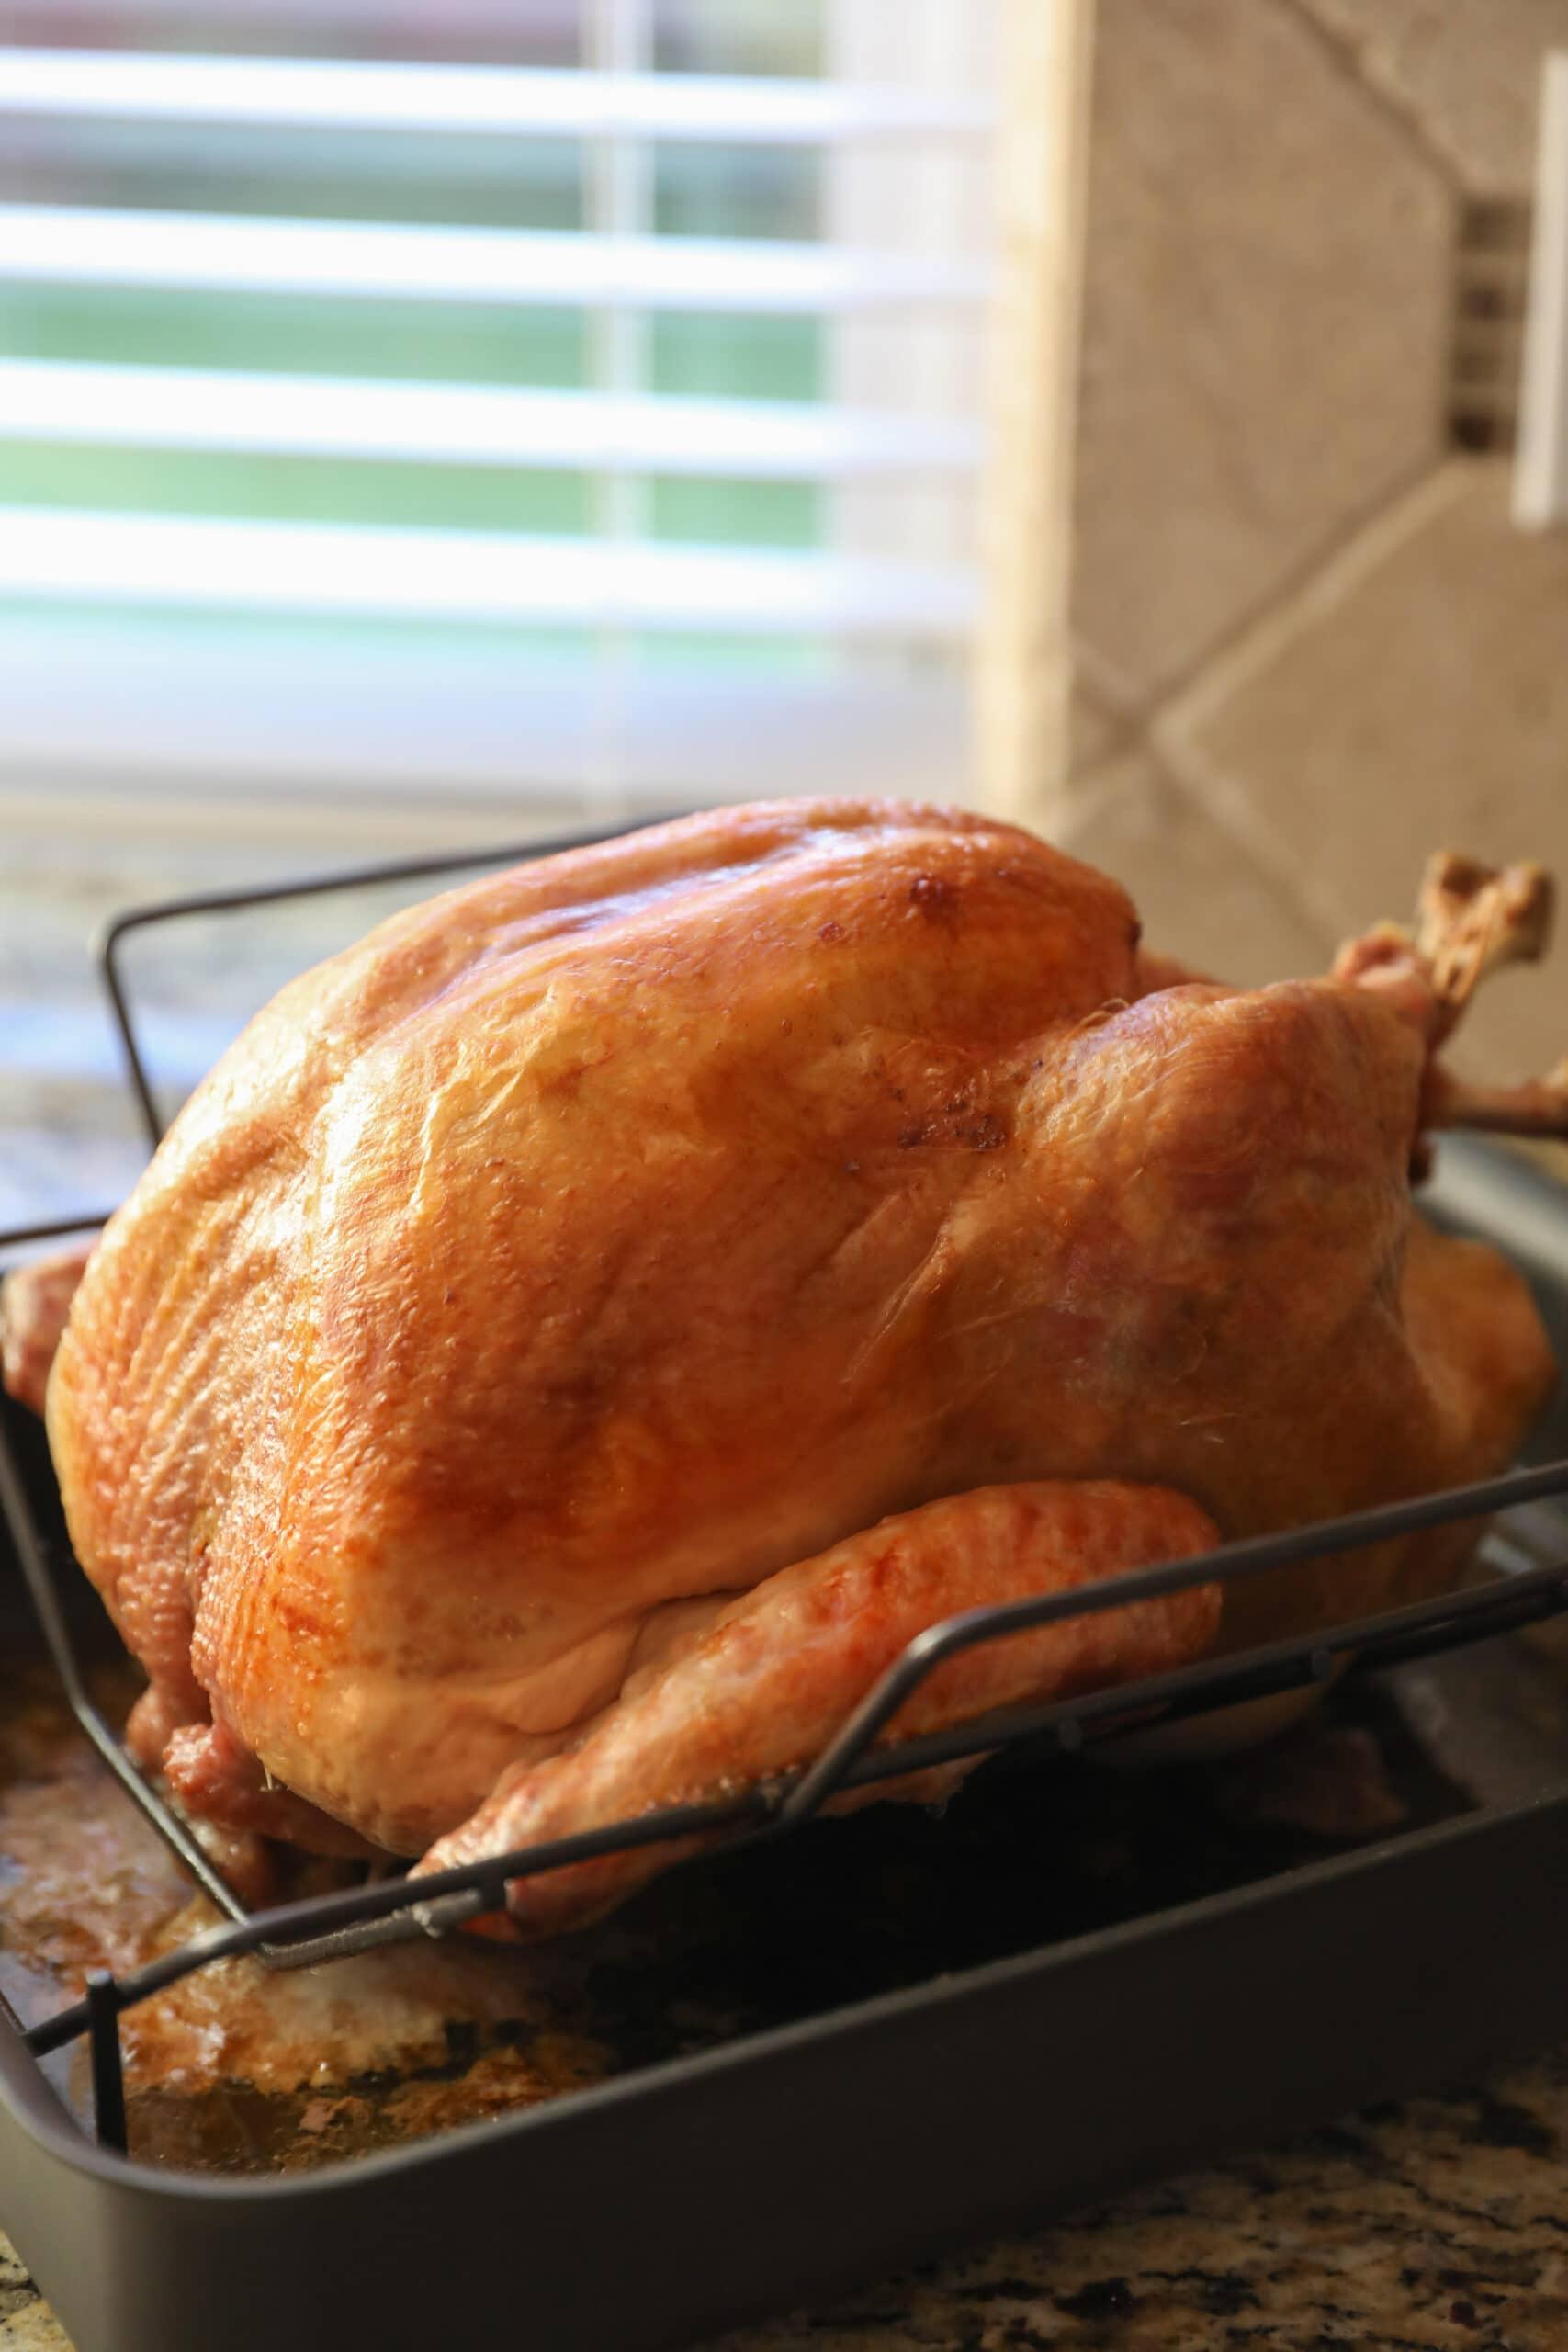 roasted turkey in roasting pan